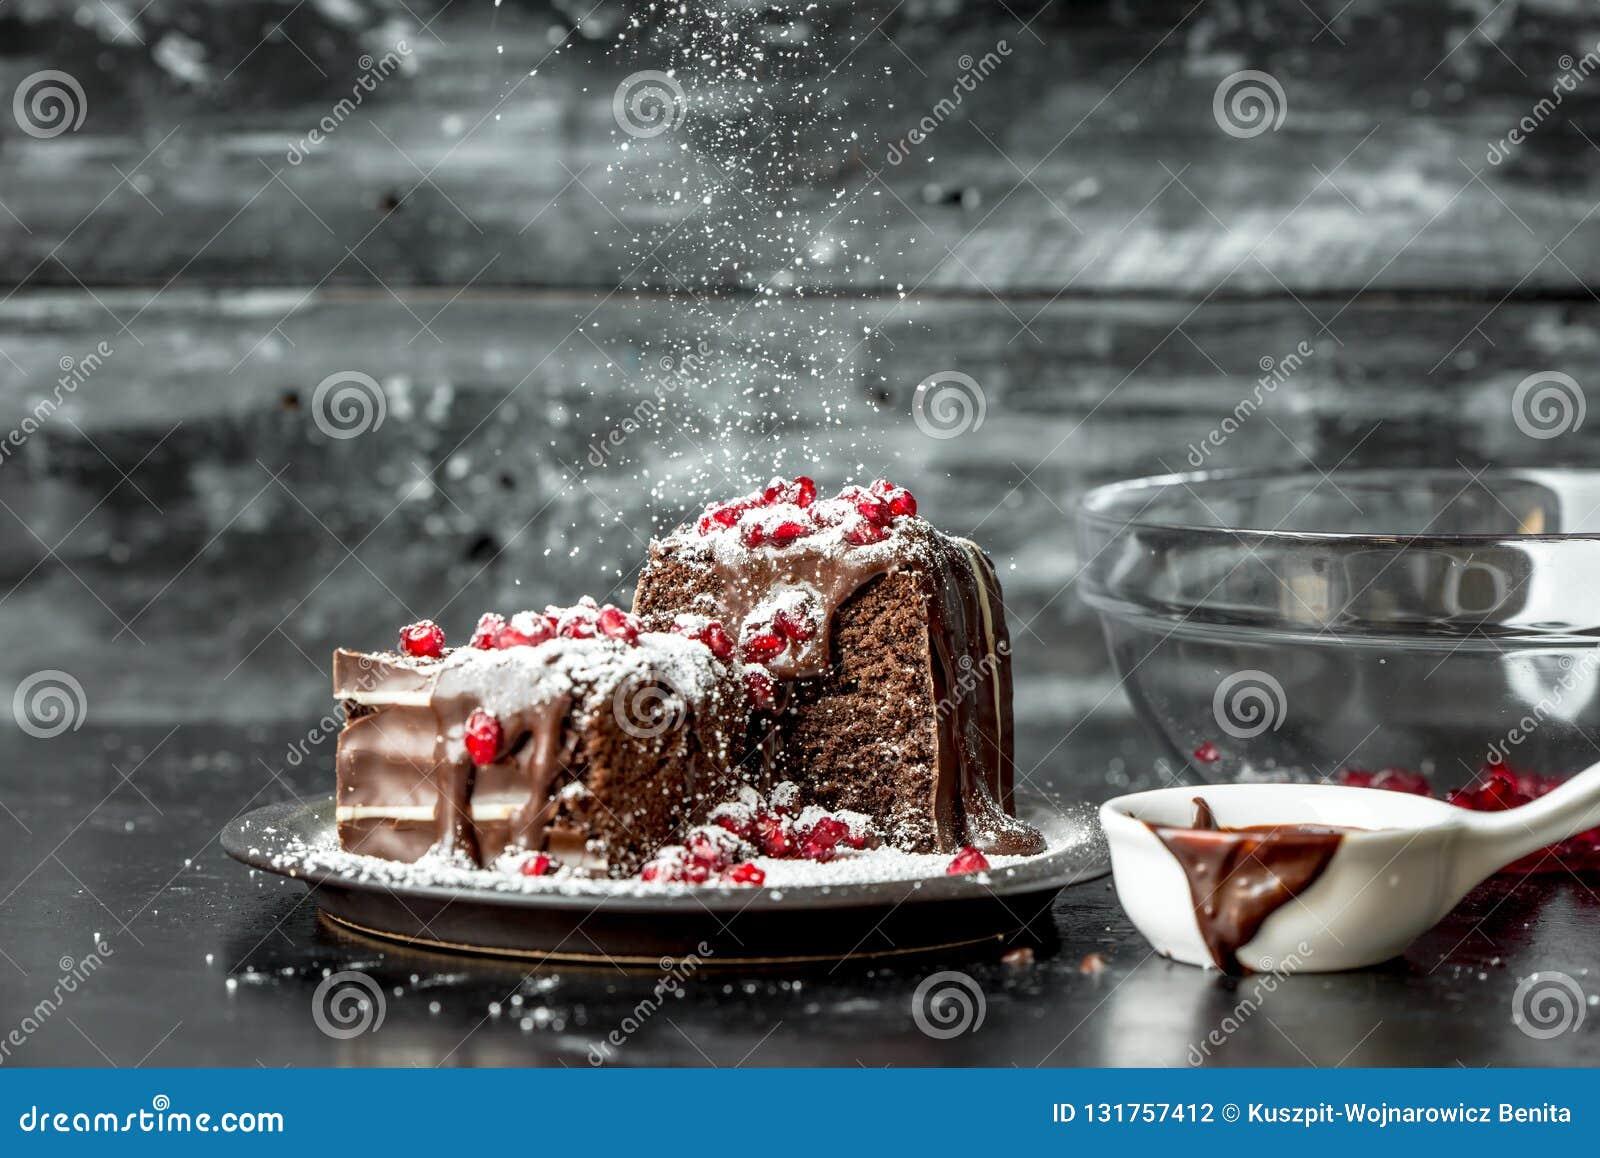 Süße Momente - süße Momente - Schokoladenkuchen gossen die heiße, flüssige Schokolade, besprüht mit roten Granatapfelsamen und -P